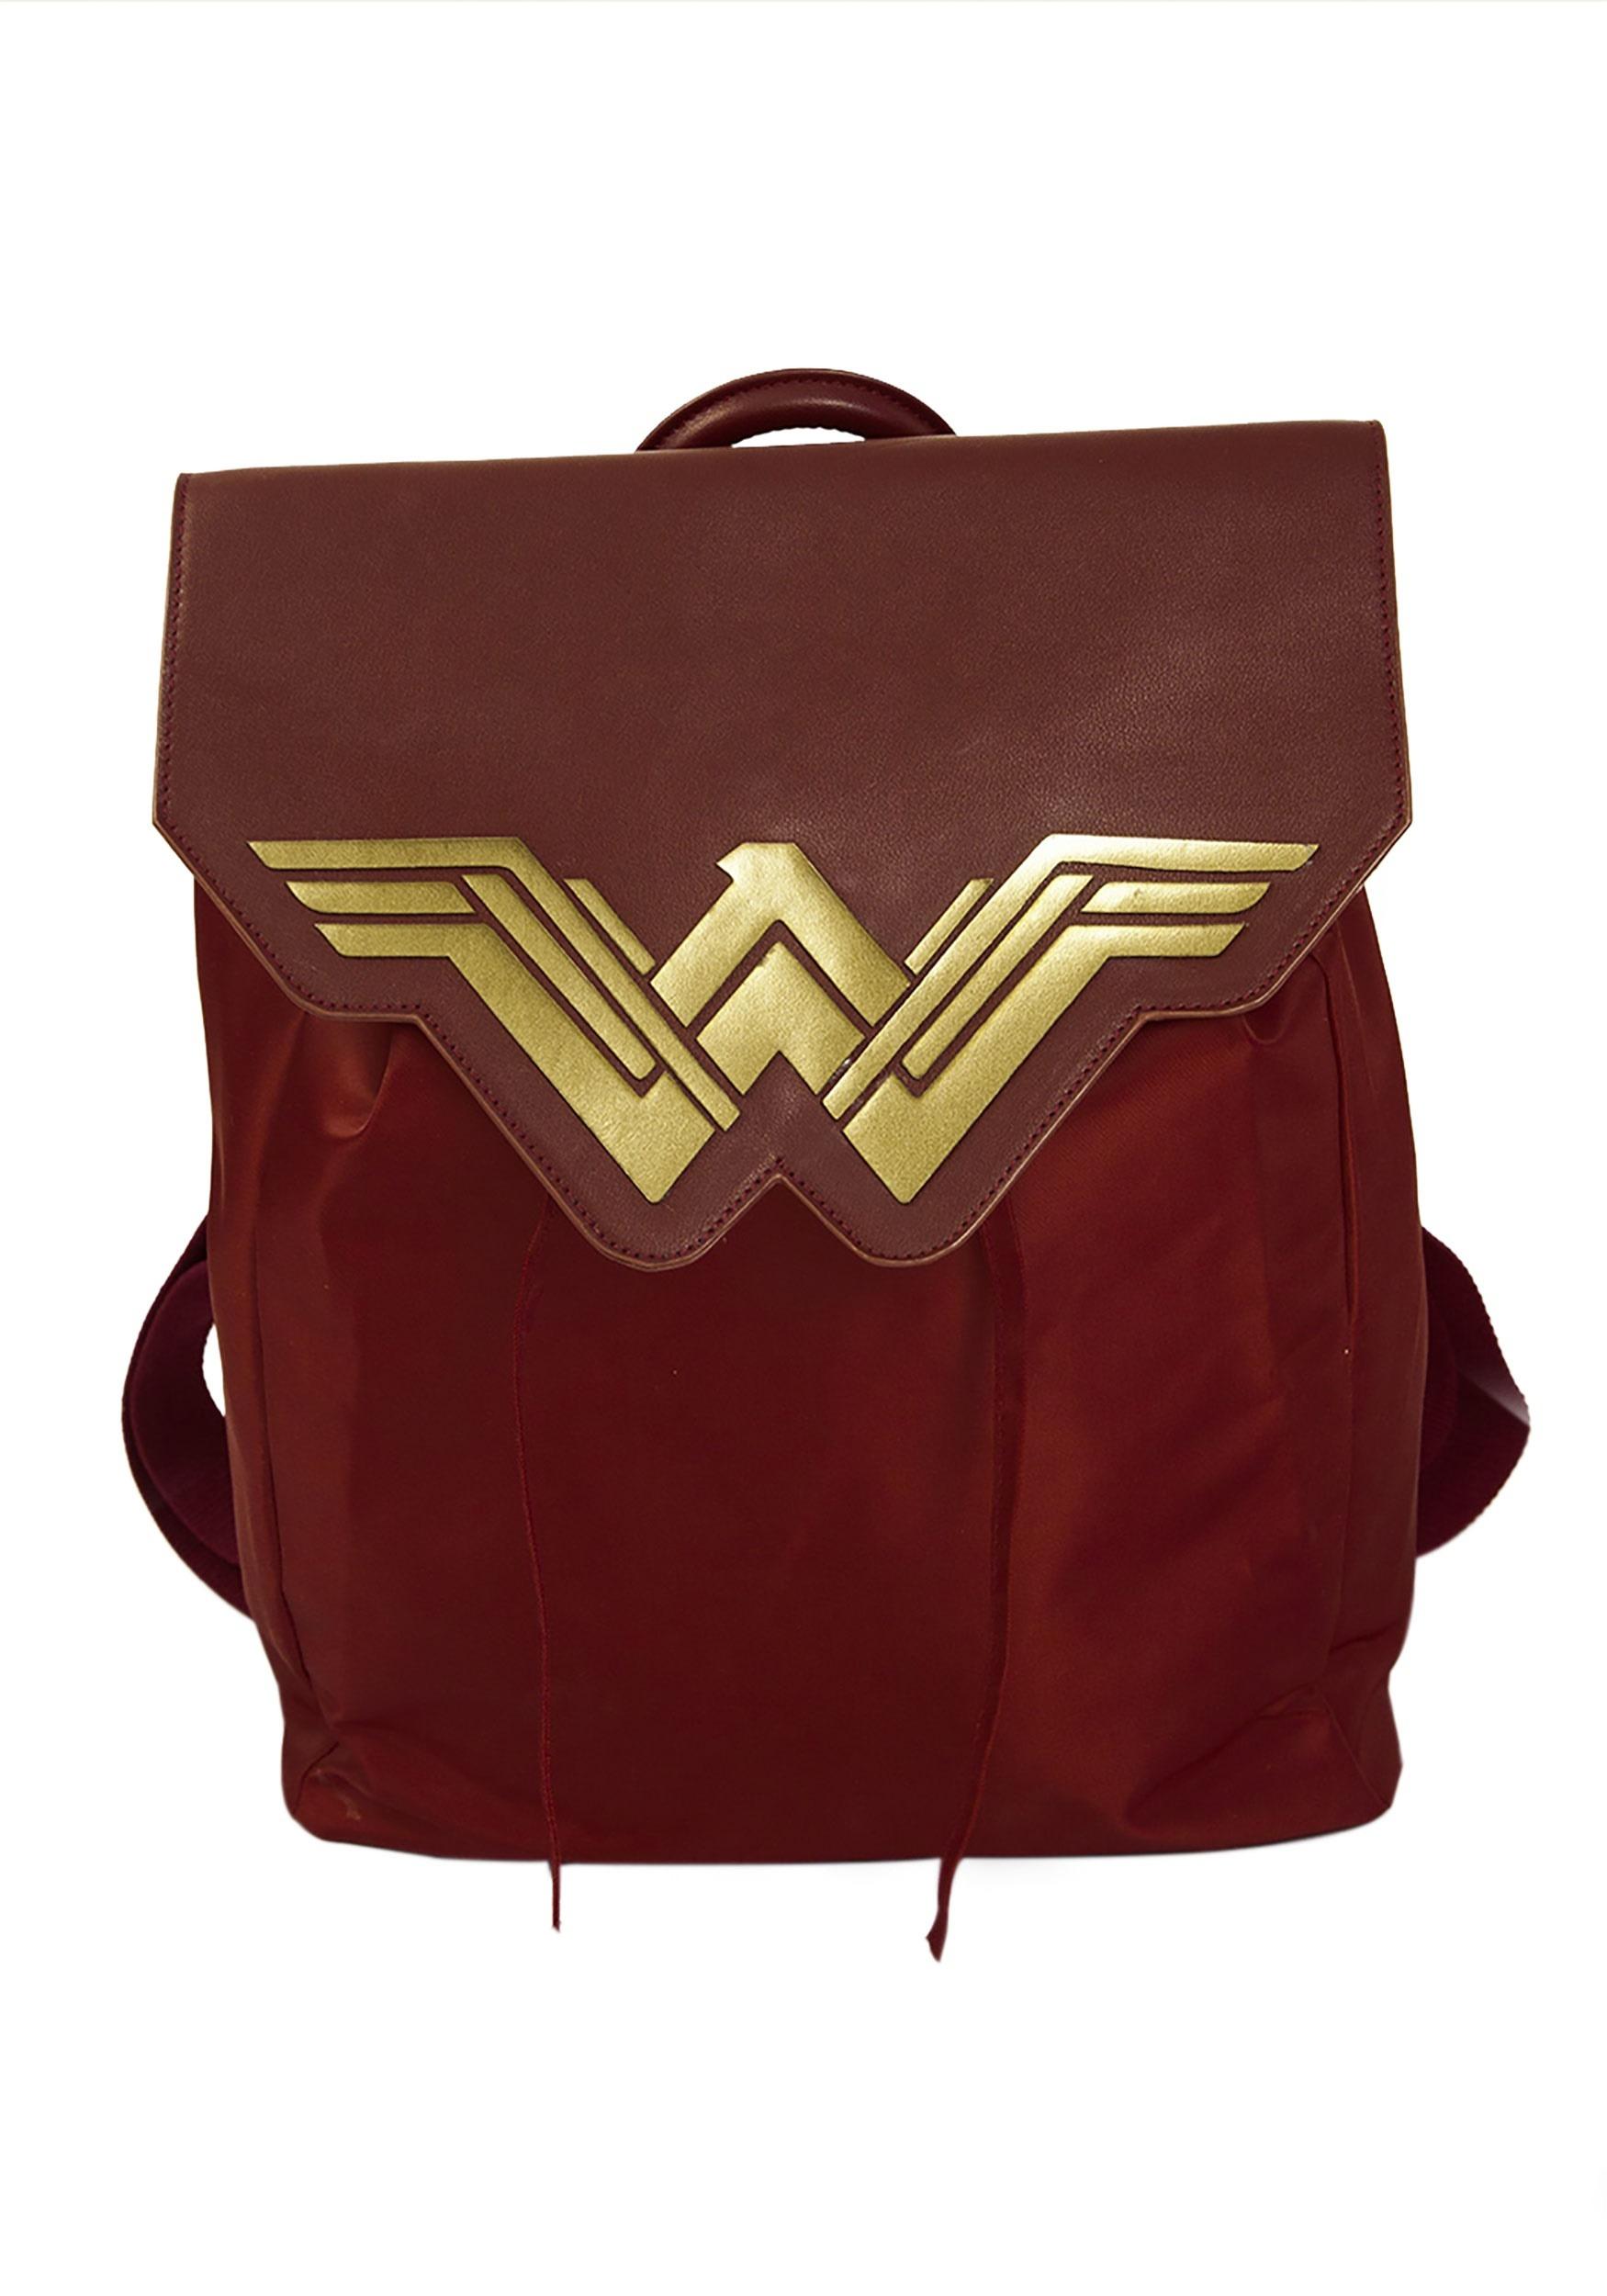 Wonder Woman Fashion Knapsack